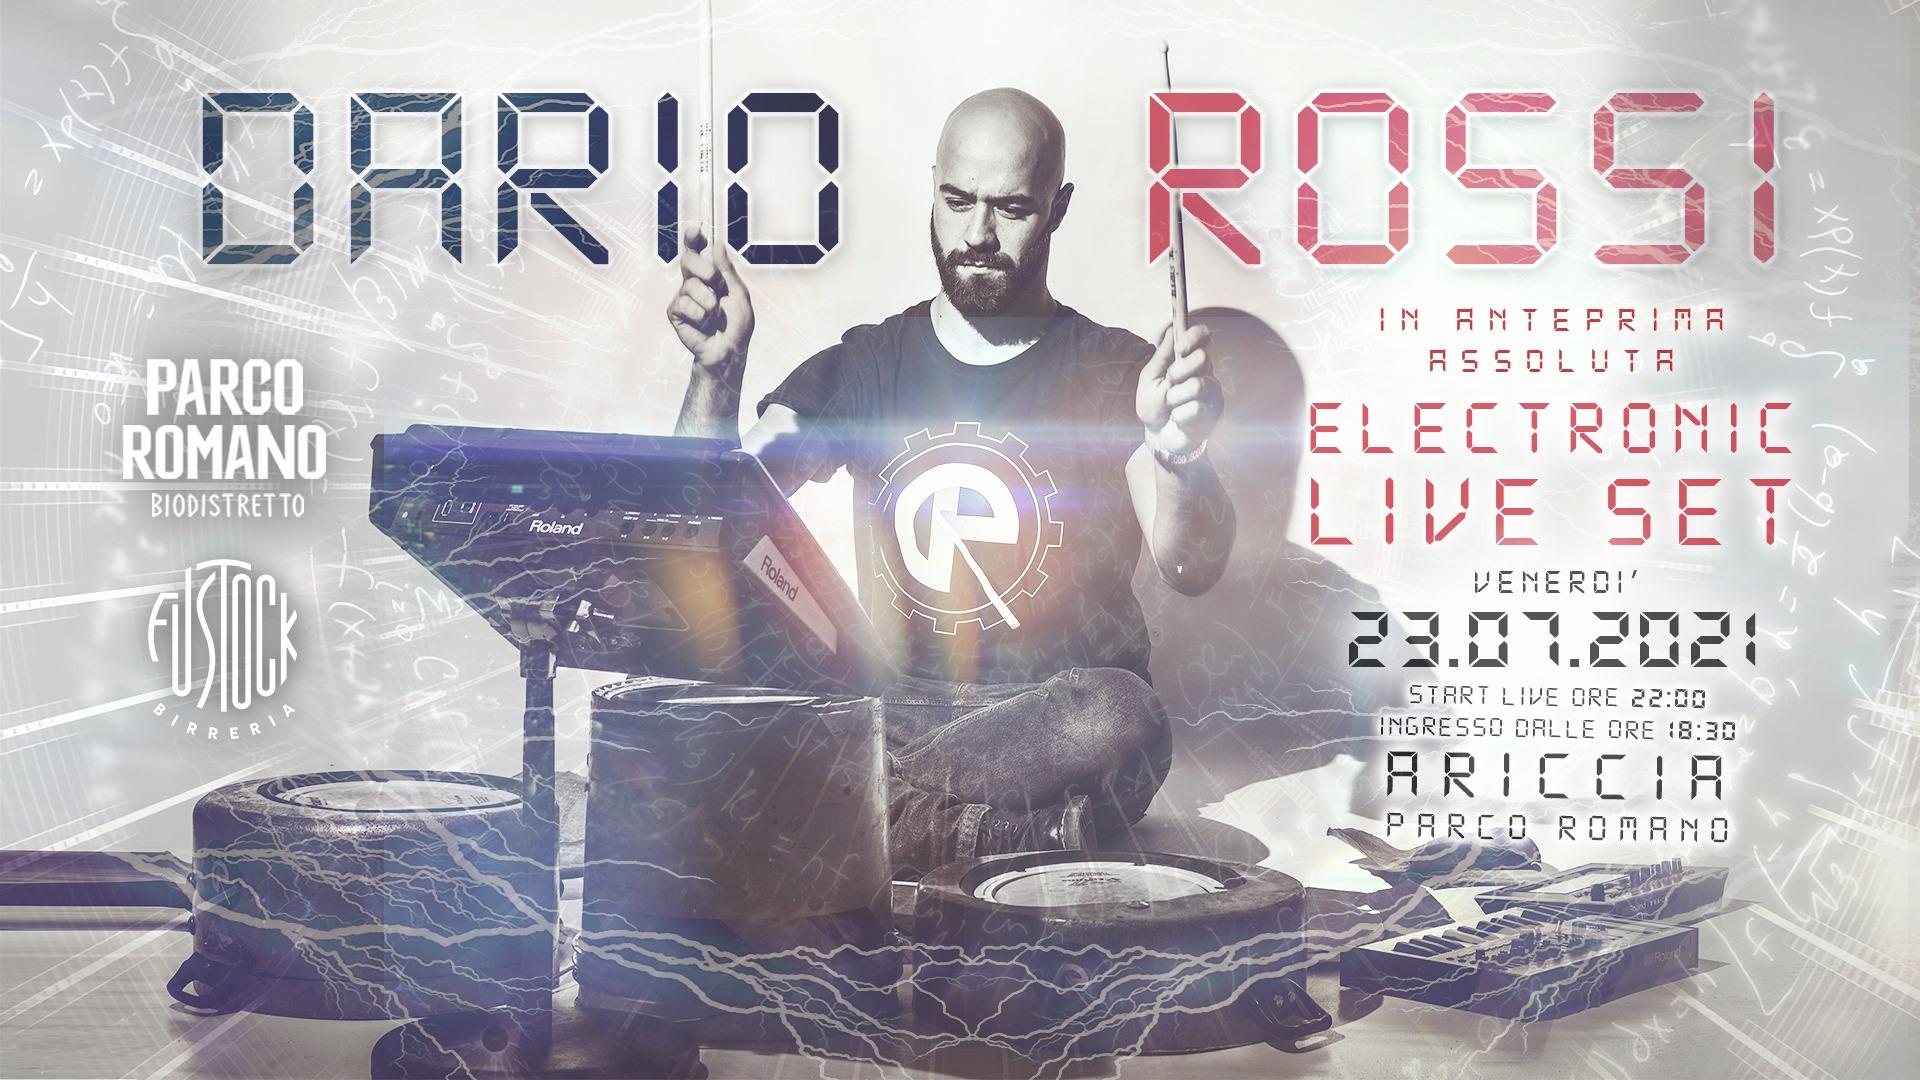 Albano, concerto di solidarietà, electronic live set il 23 Luglio al Parco Romano del Biodistretto